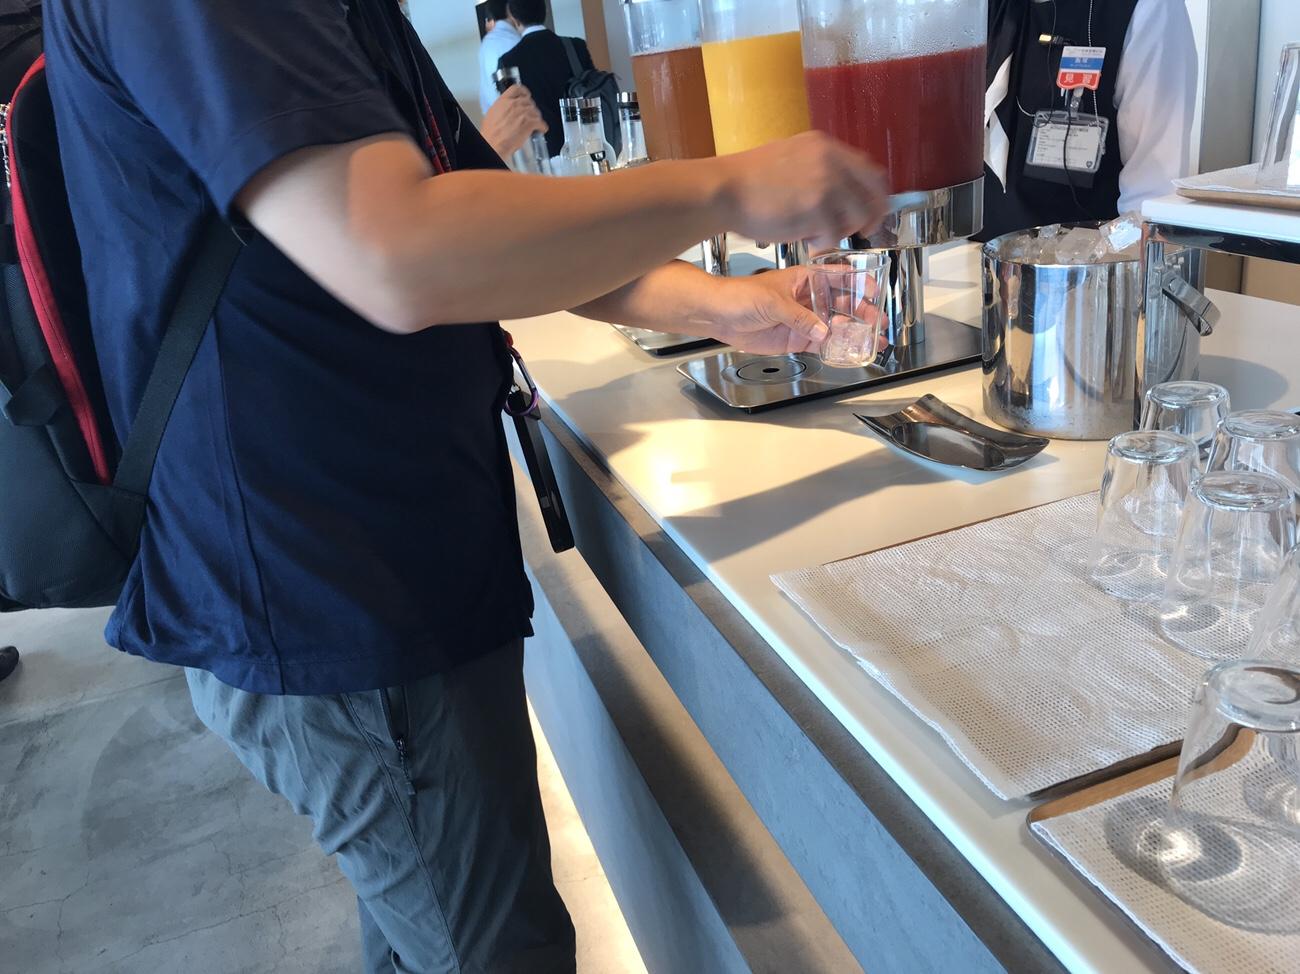 羽田空港第二ターミナル 無料朝食 クレジットカードラウンジ